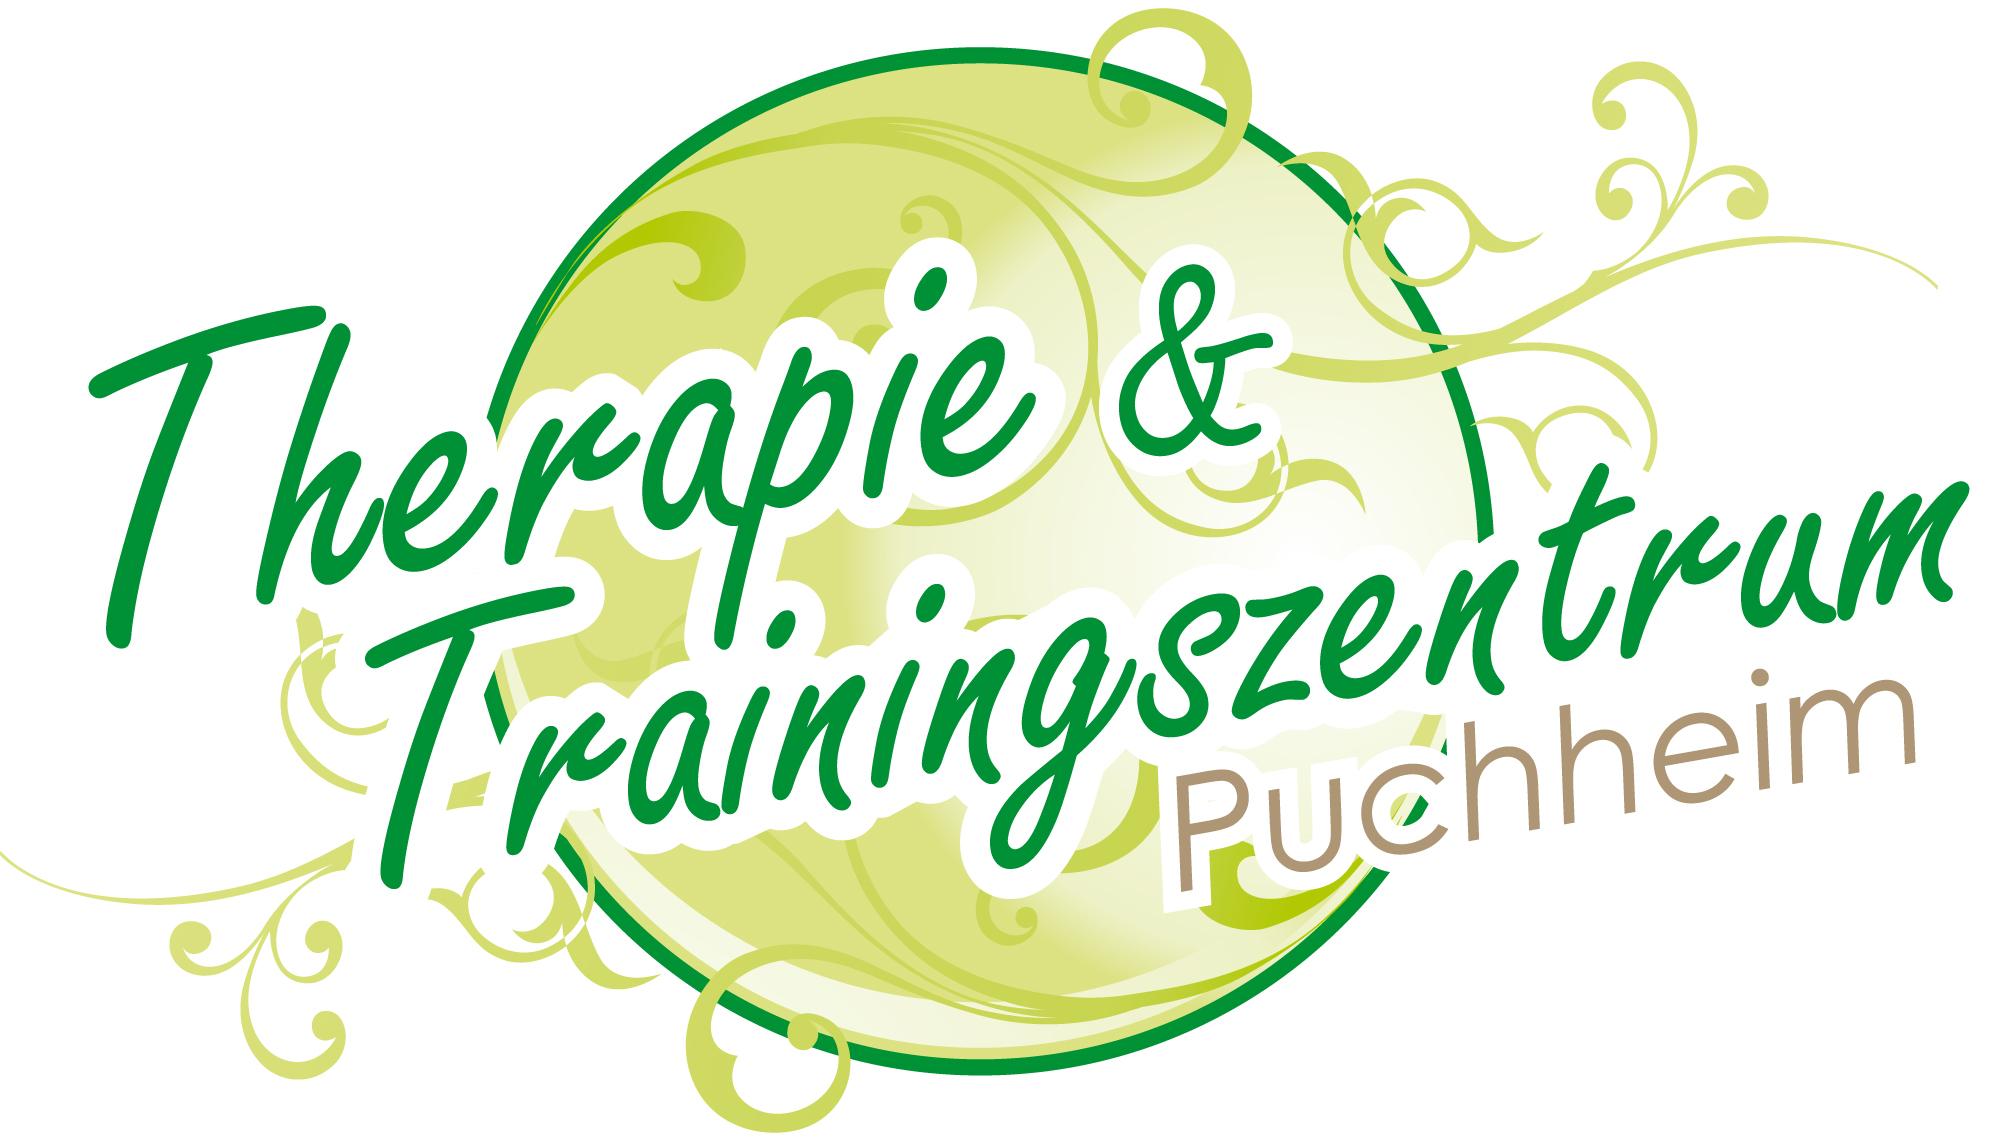 Therapie Zentrum Puchheim